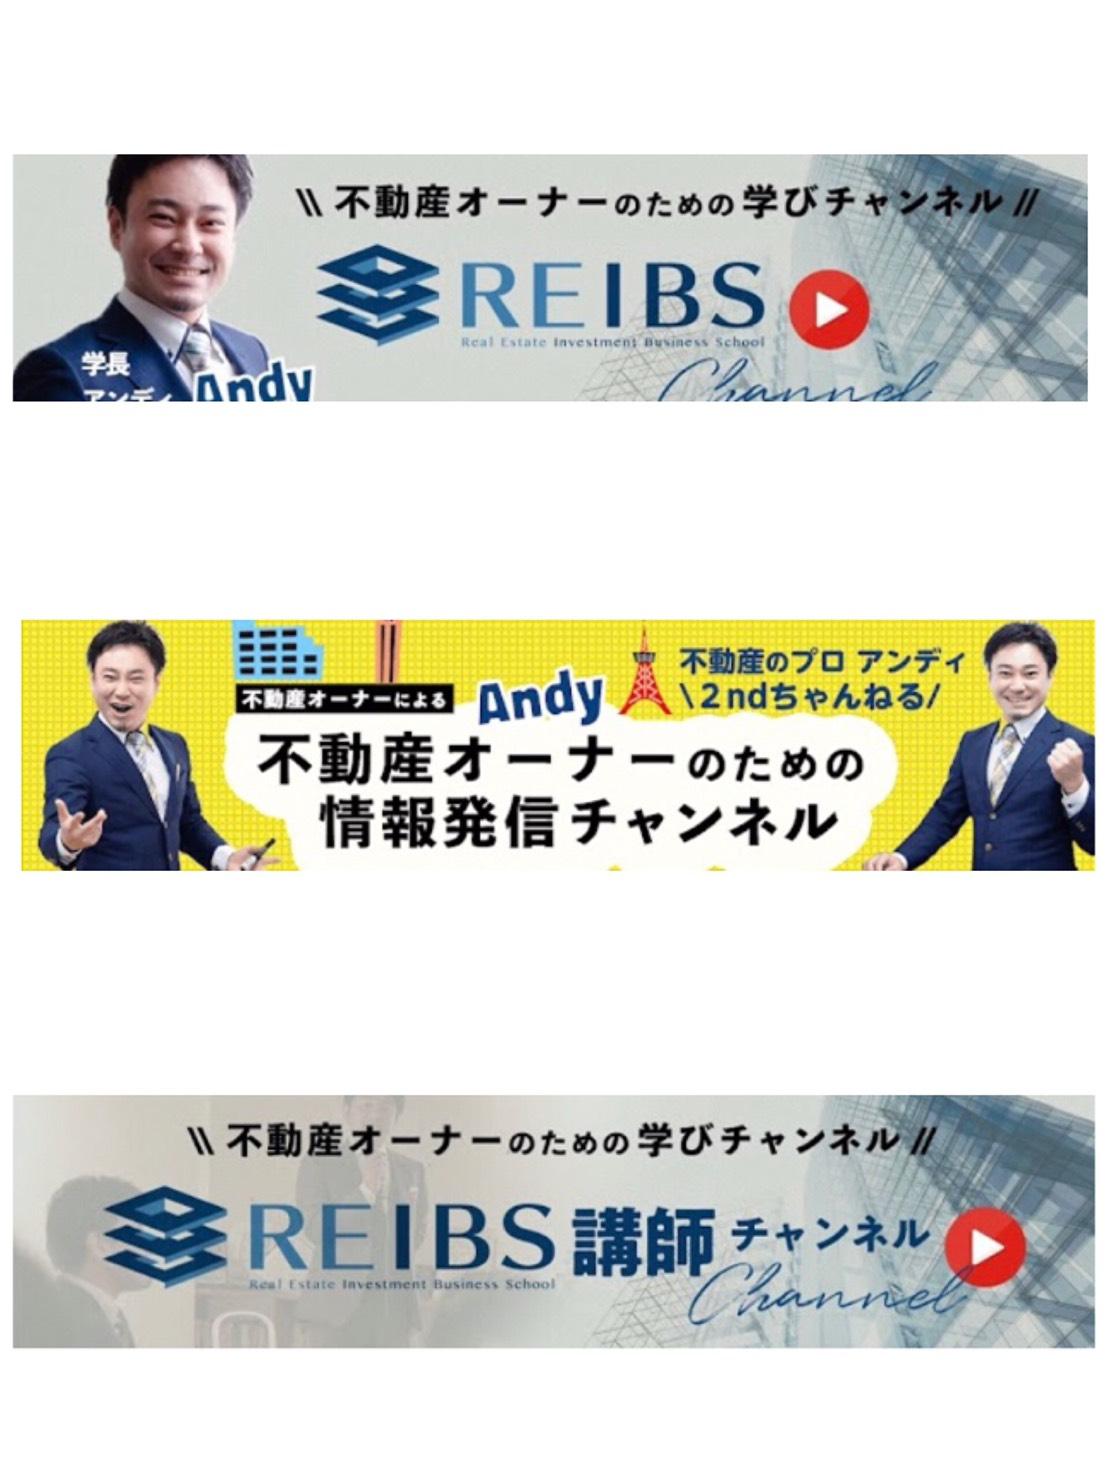 不動産オーナー経営学院REIBS学長横山篤司、講師のYoutube配信、情報発信チャンネル